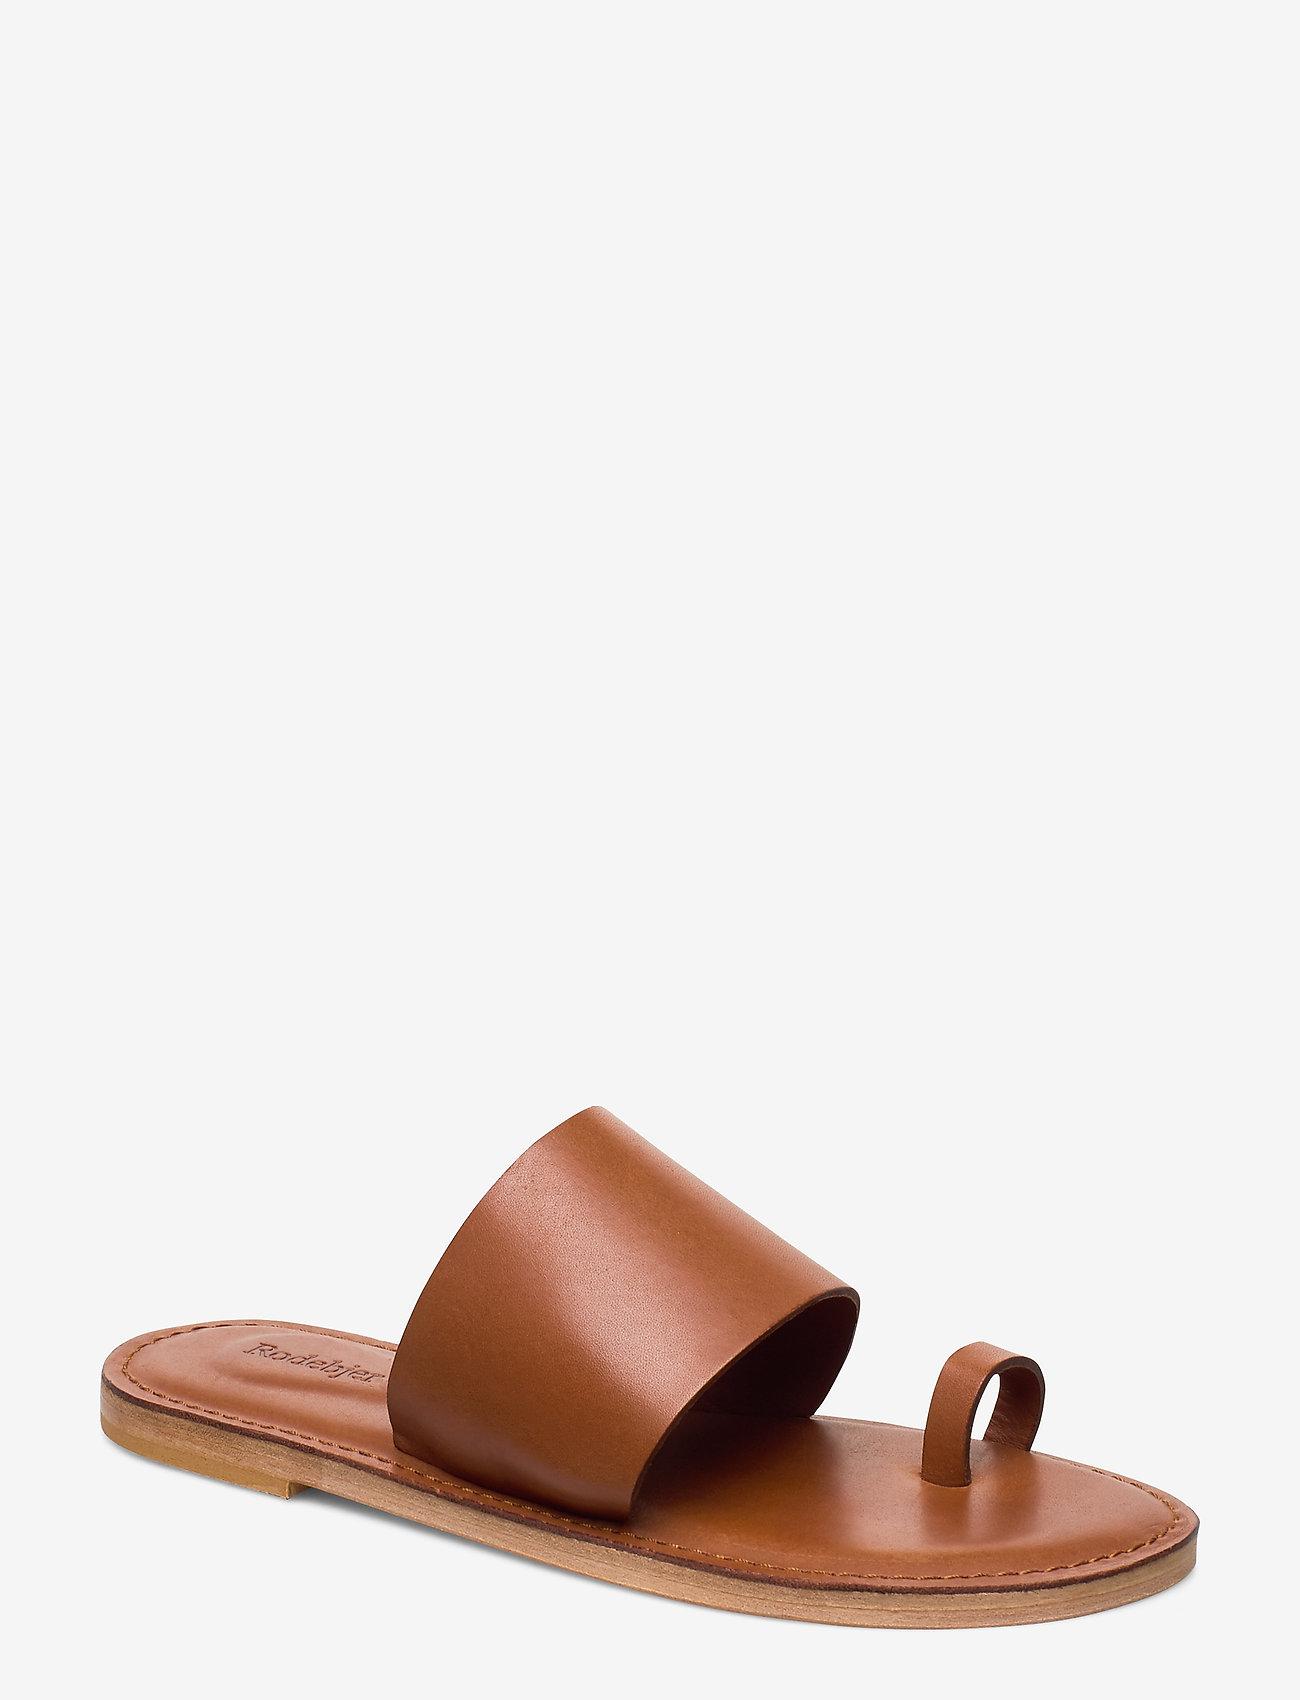 RODEBJER - RODEBJER KATE - flade sandaler - hazel - 0